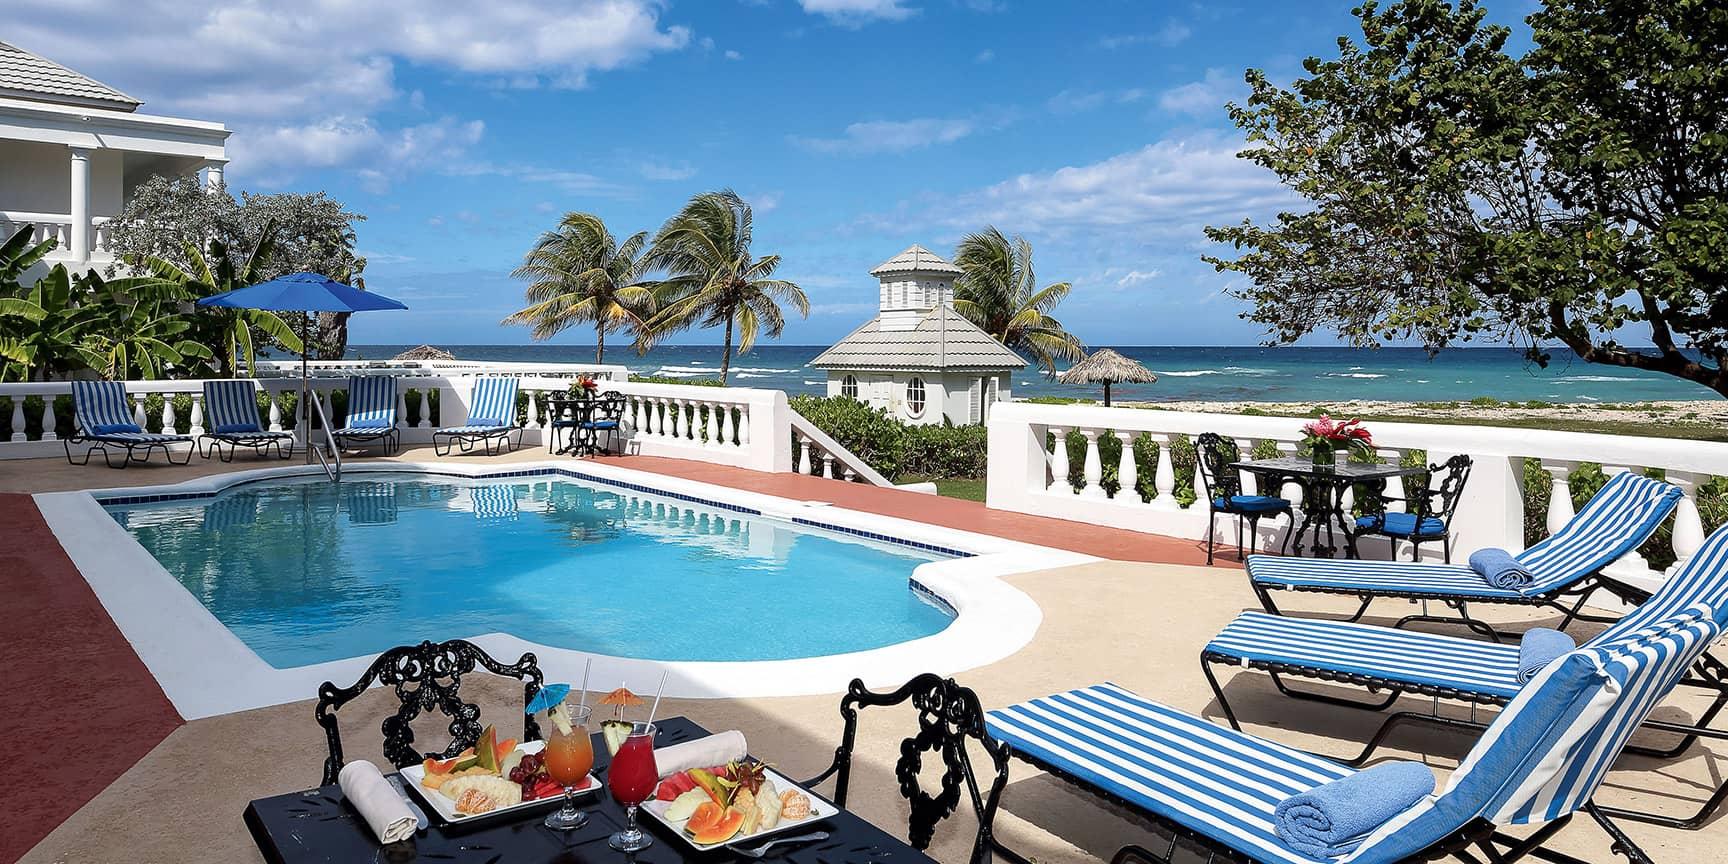 accommodation_villas05.jpg